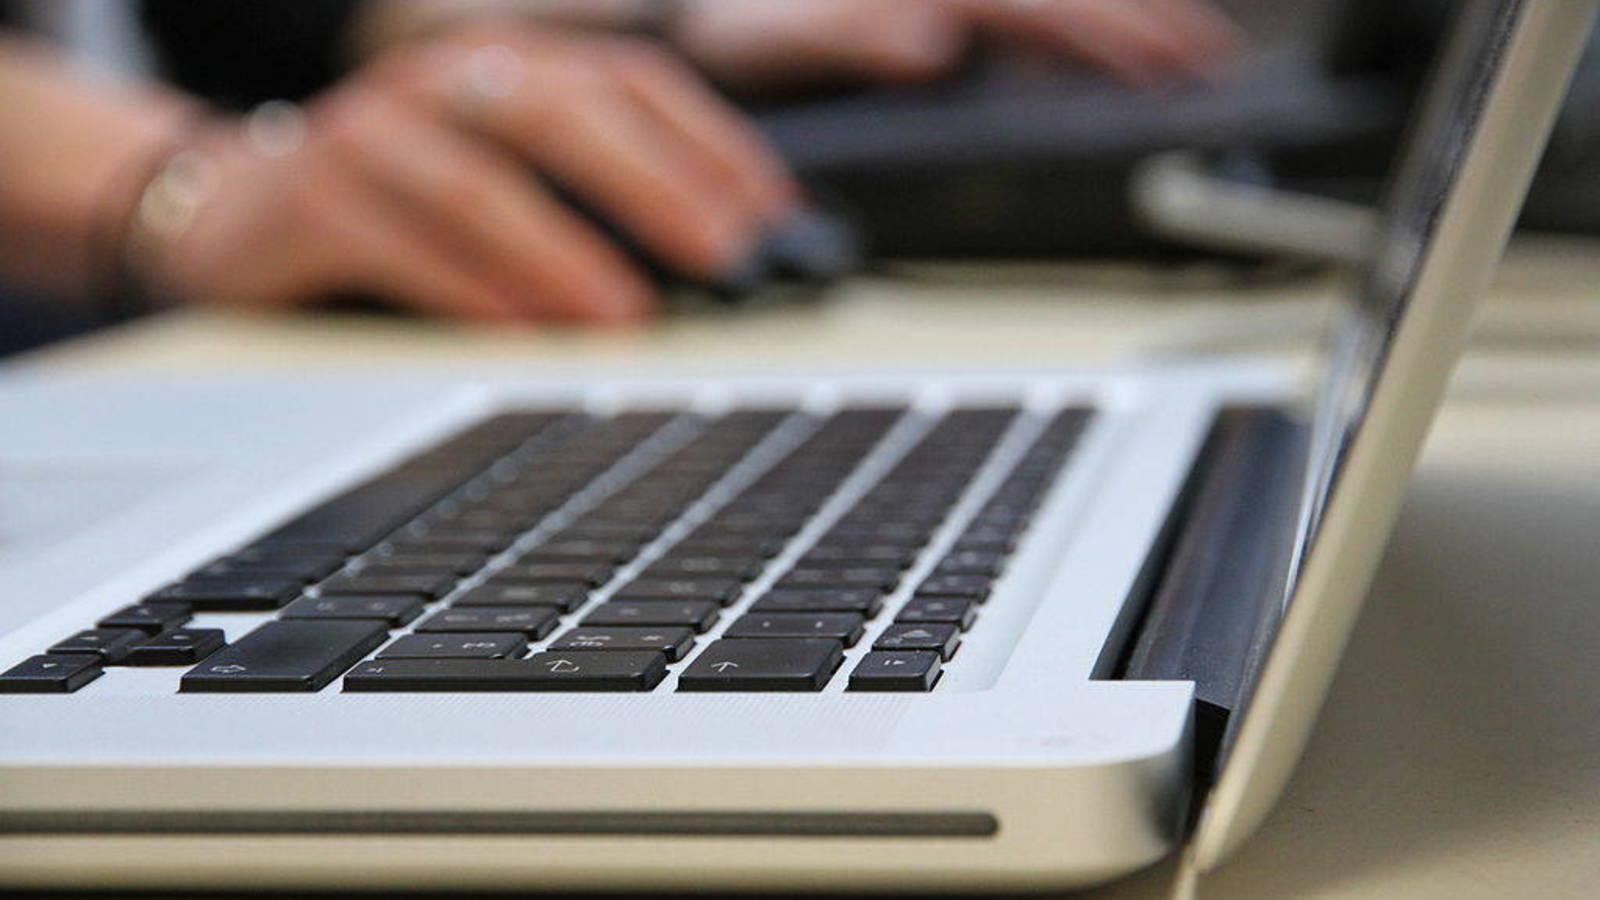 Come migliorare la sicurezza di Mac OS X? 1